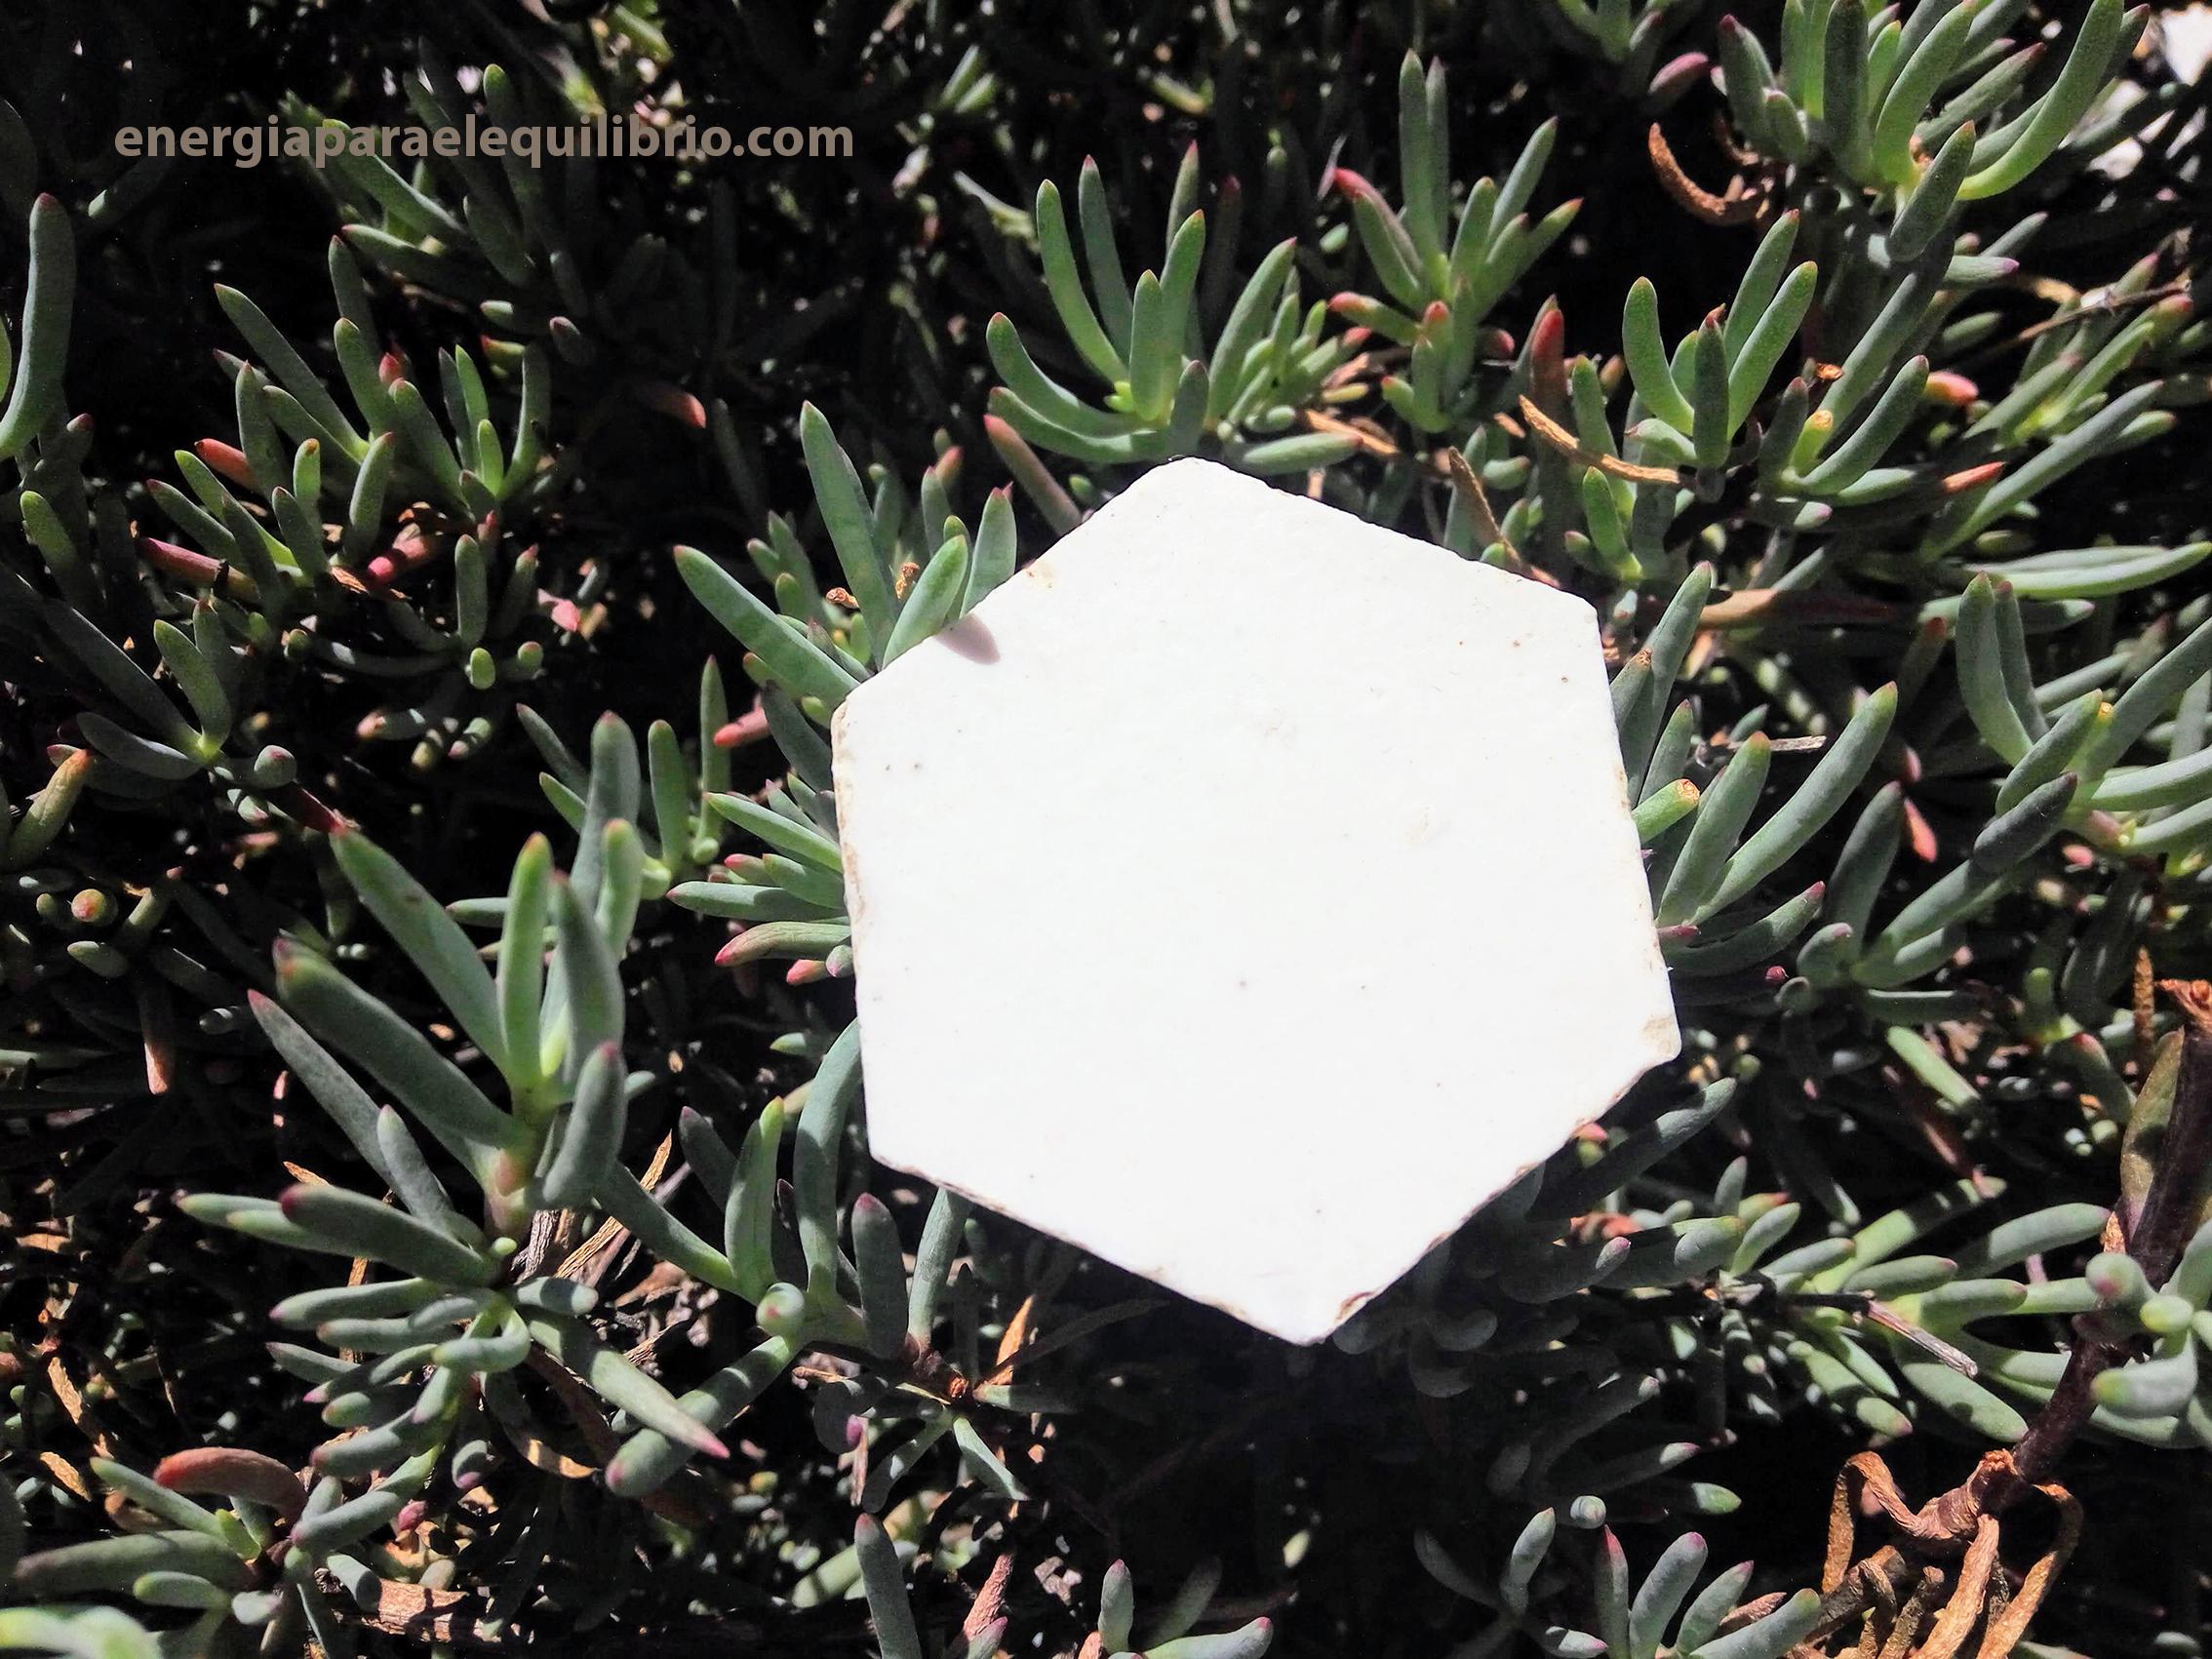 simbología del hexágono